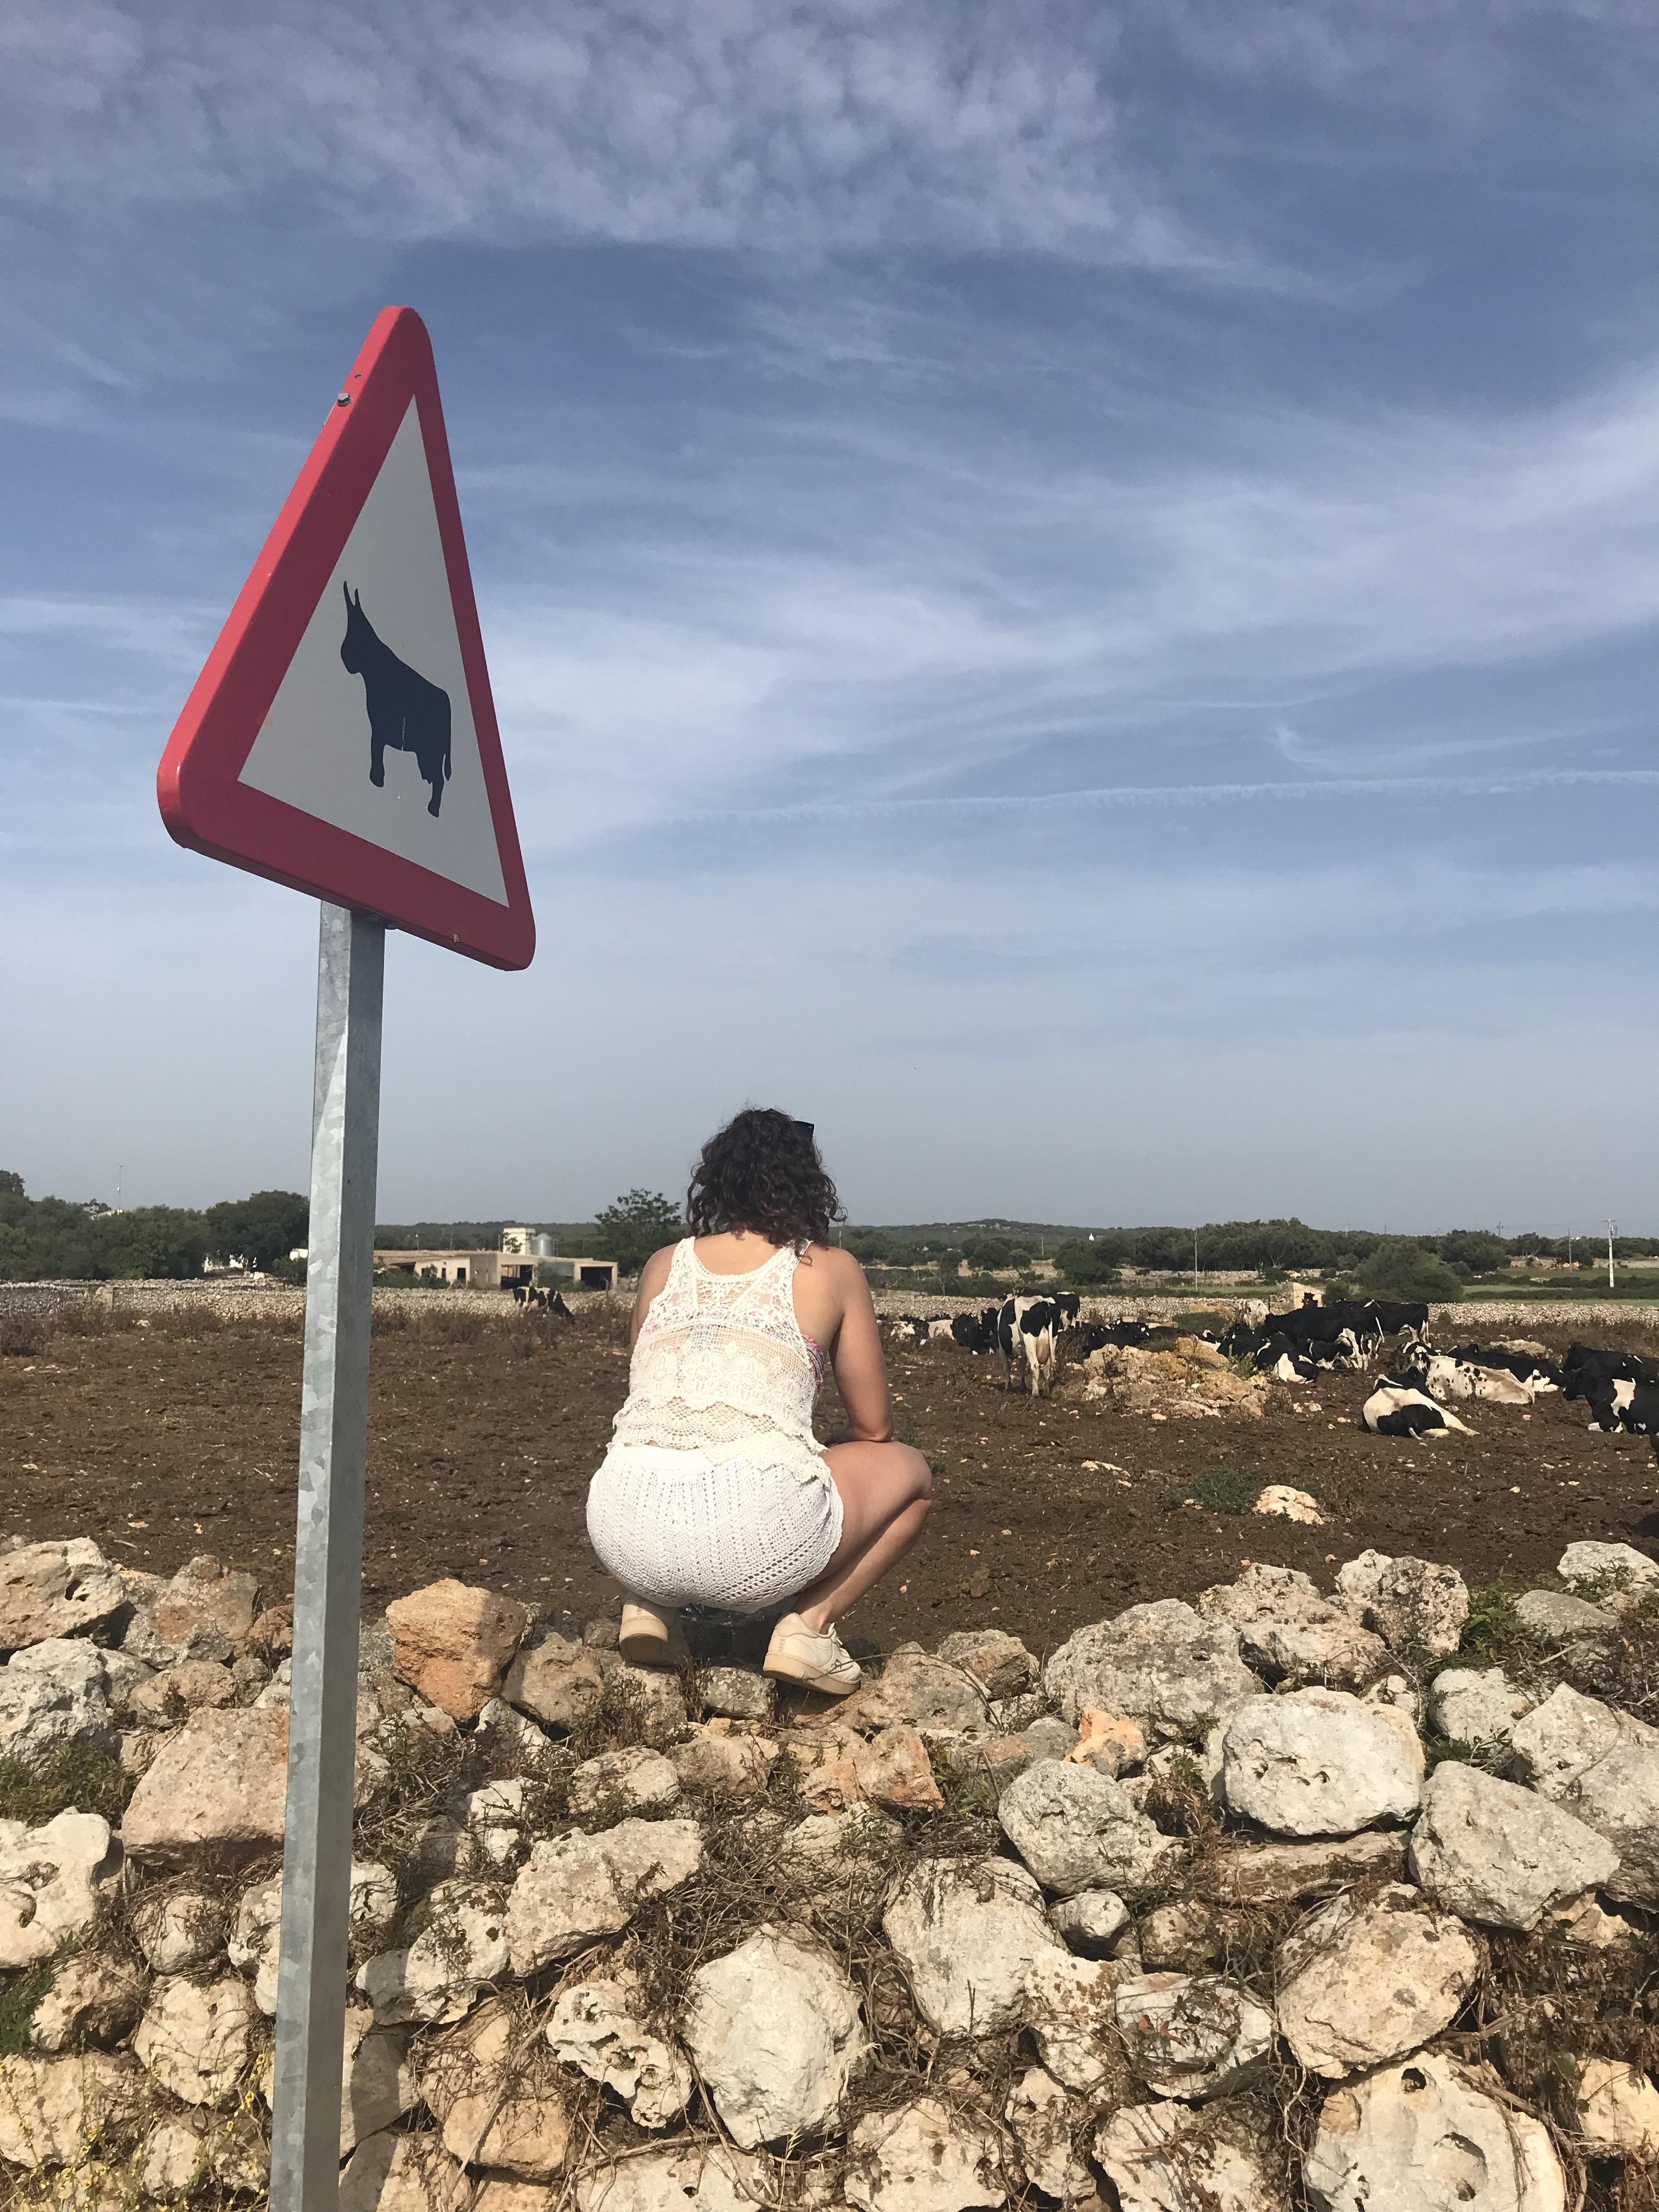 cartello-stradale-attraversamento-mucche-minorca